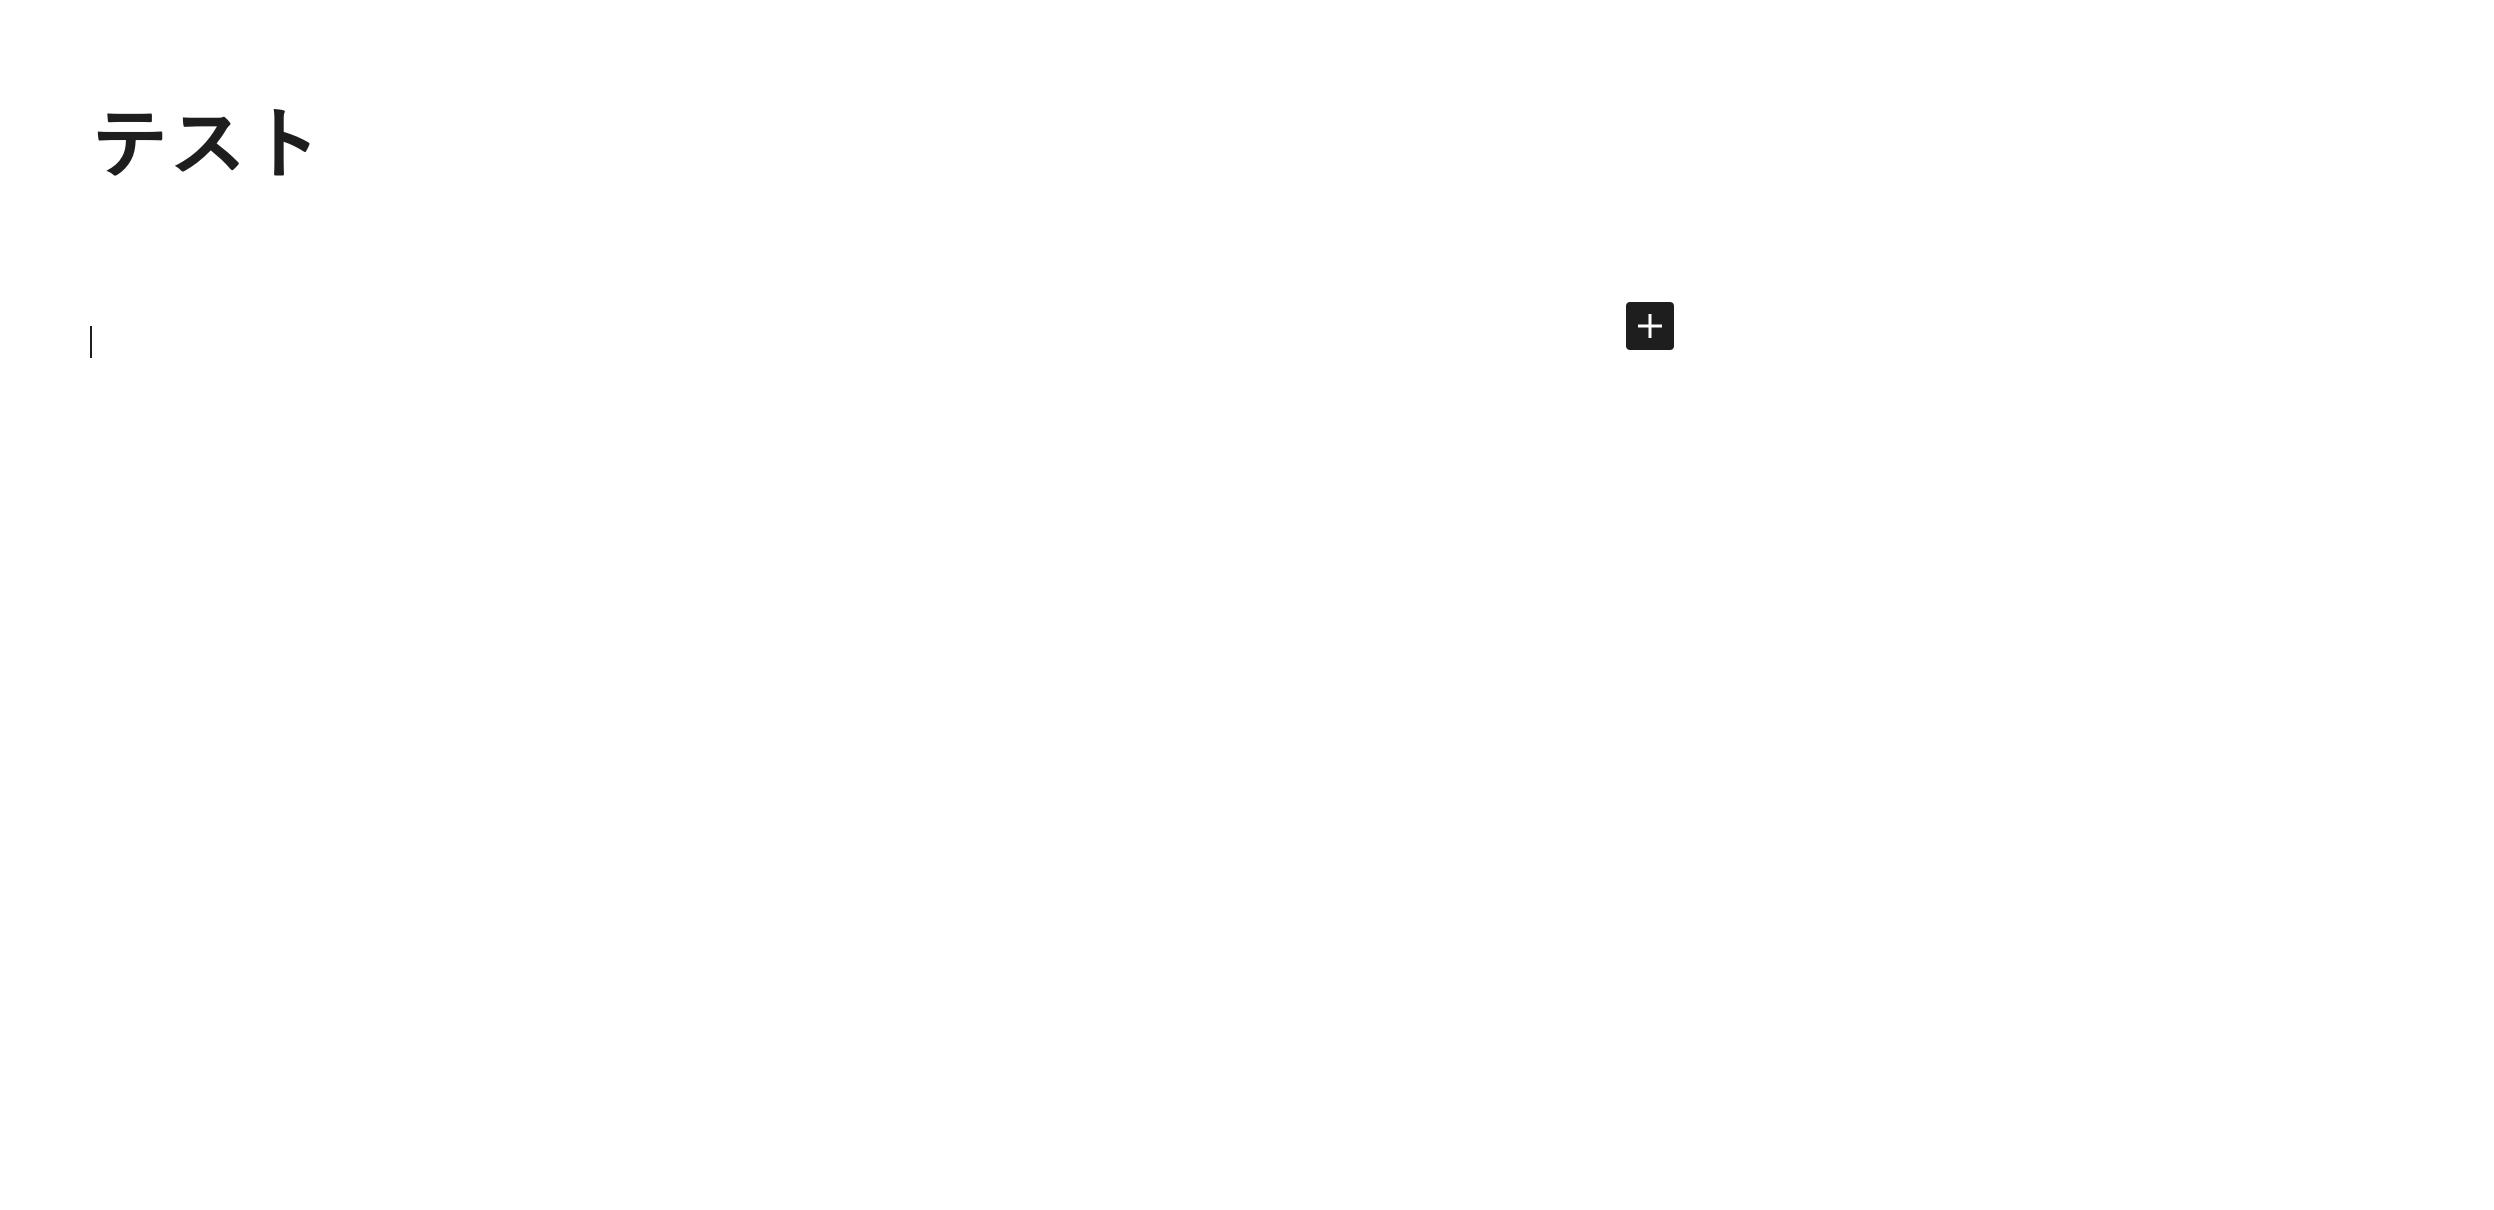 スクリーンショット-2021-01-31-17.06.17